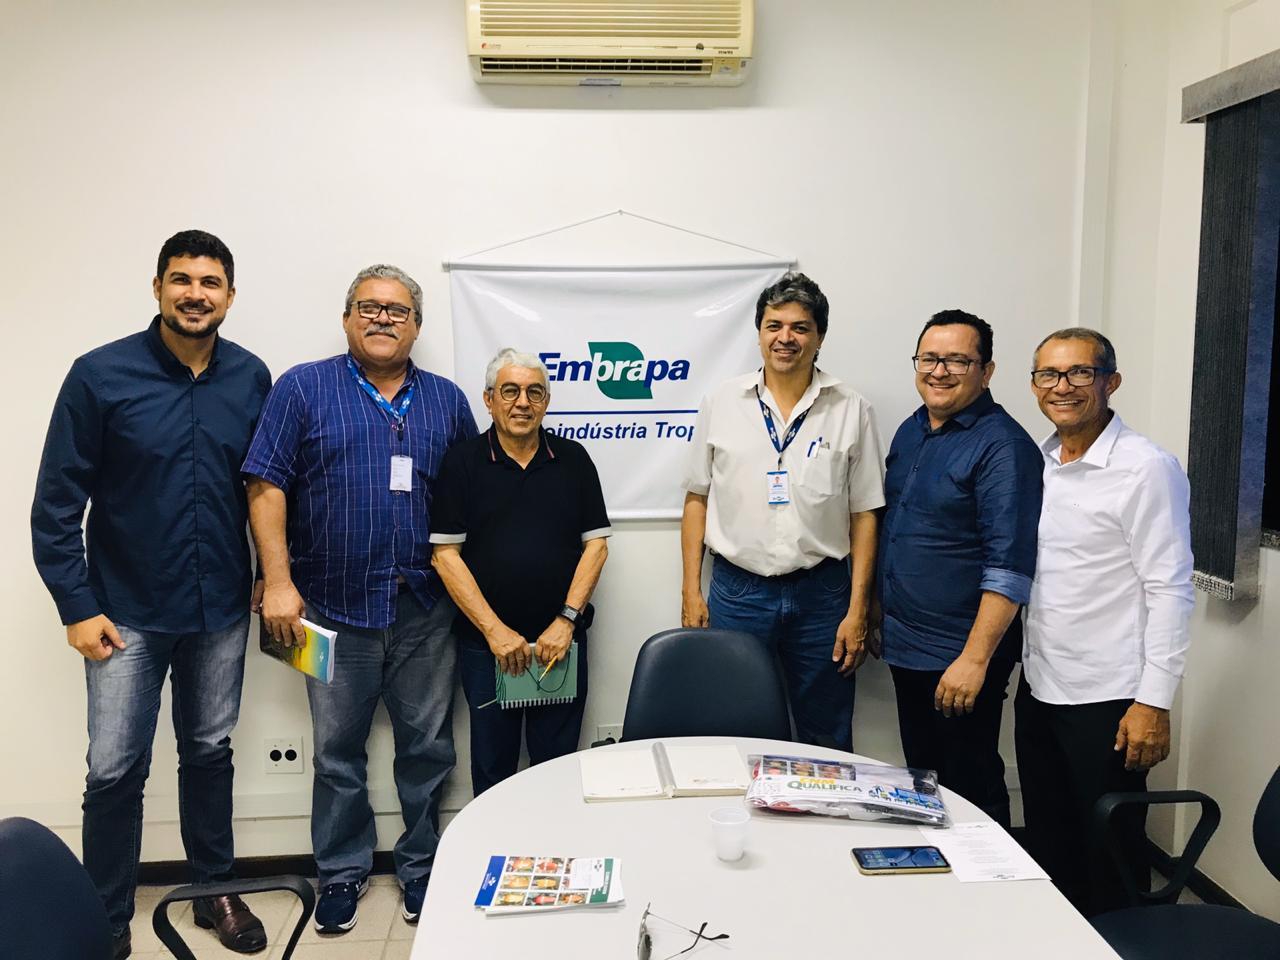 Vereador Peron Filho busca parceria com Empraba - CE